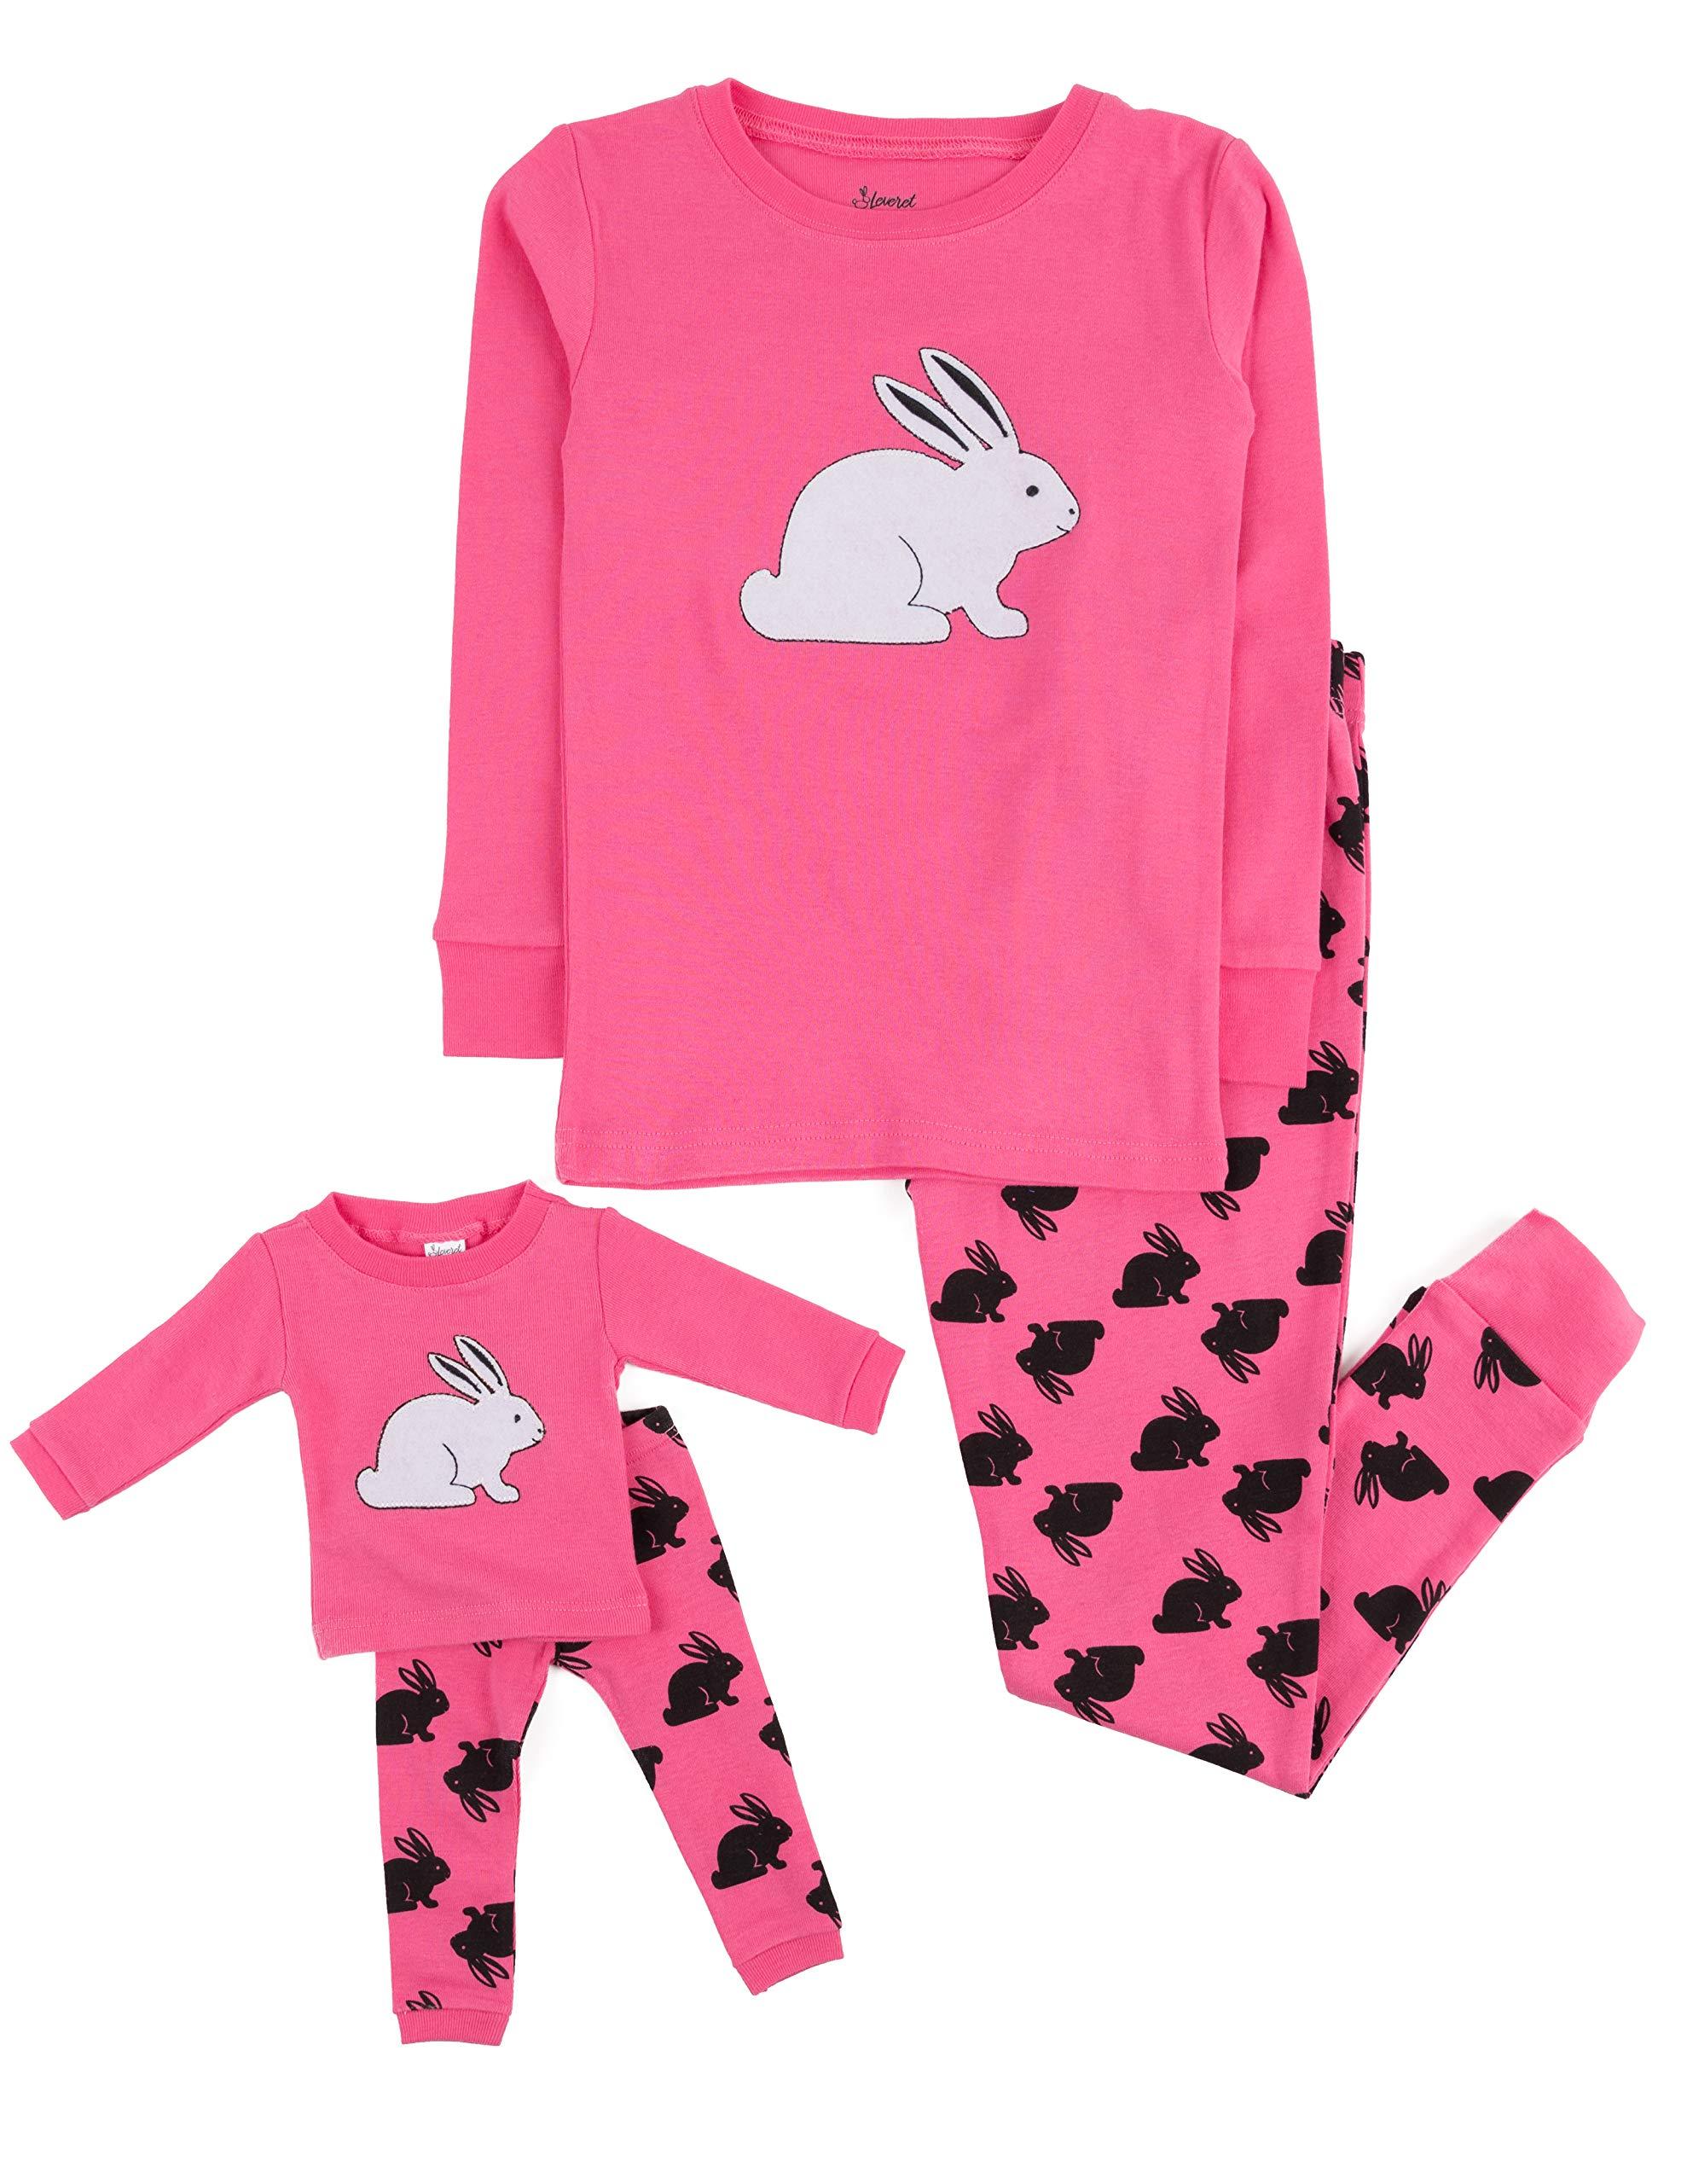 be3a0ecca Leveret Kids & Toddler Pajamas Matching Doll & Girls Pajamas 100% Cotton  Set (Toddler